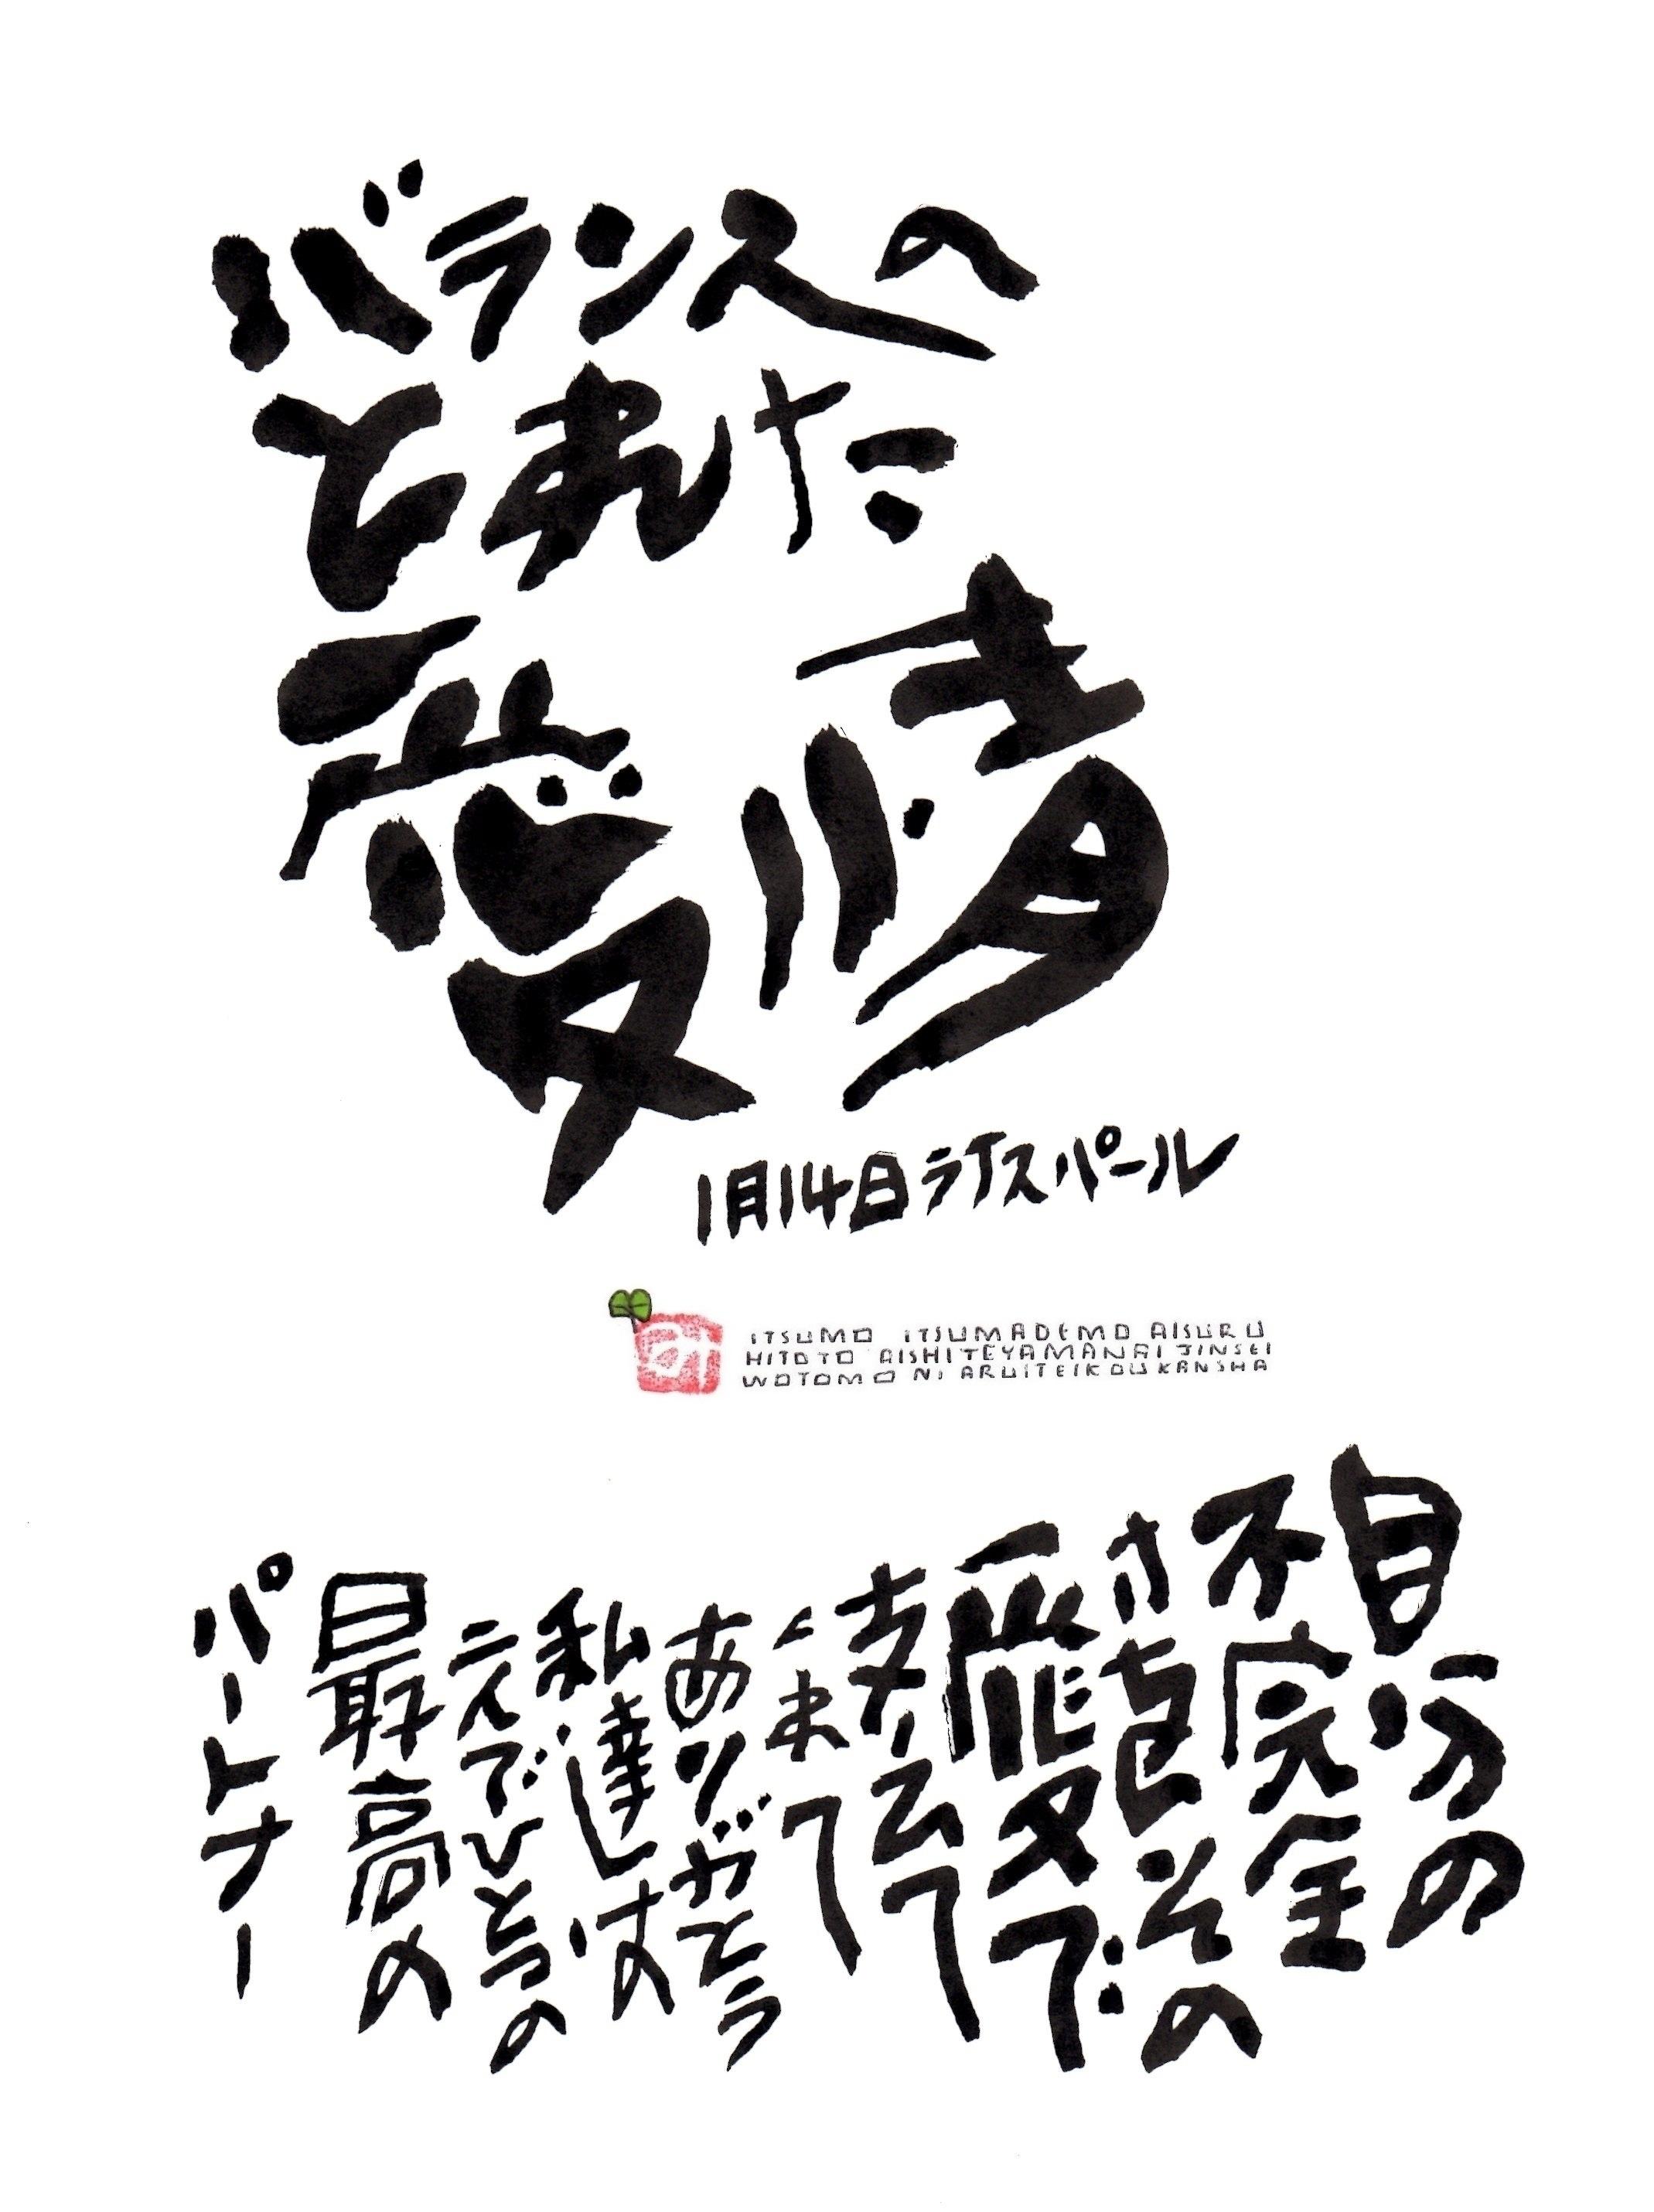 1月14日 結婚記念日ポストカード【バランスのとれた愛情】